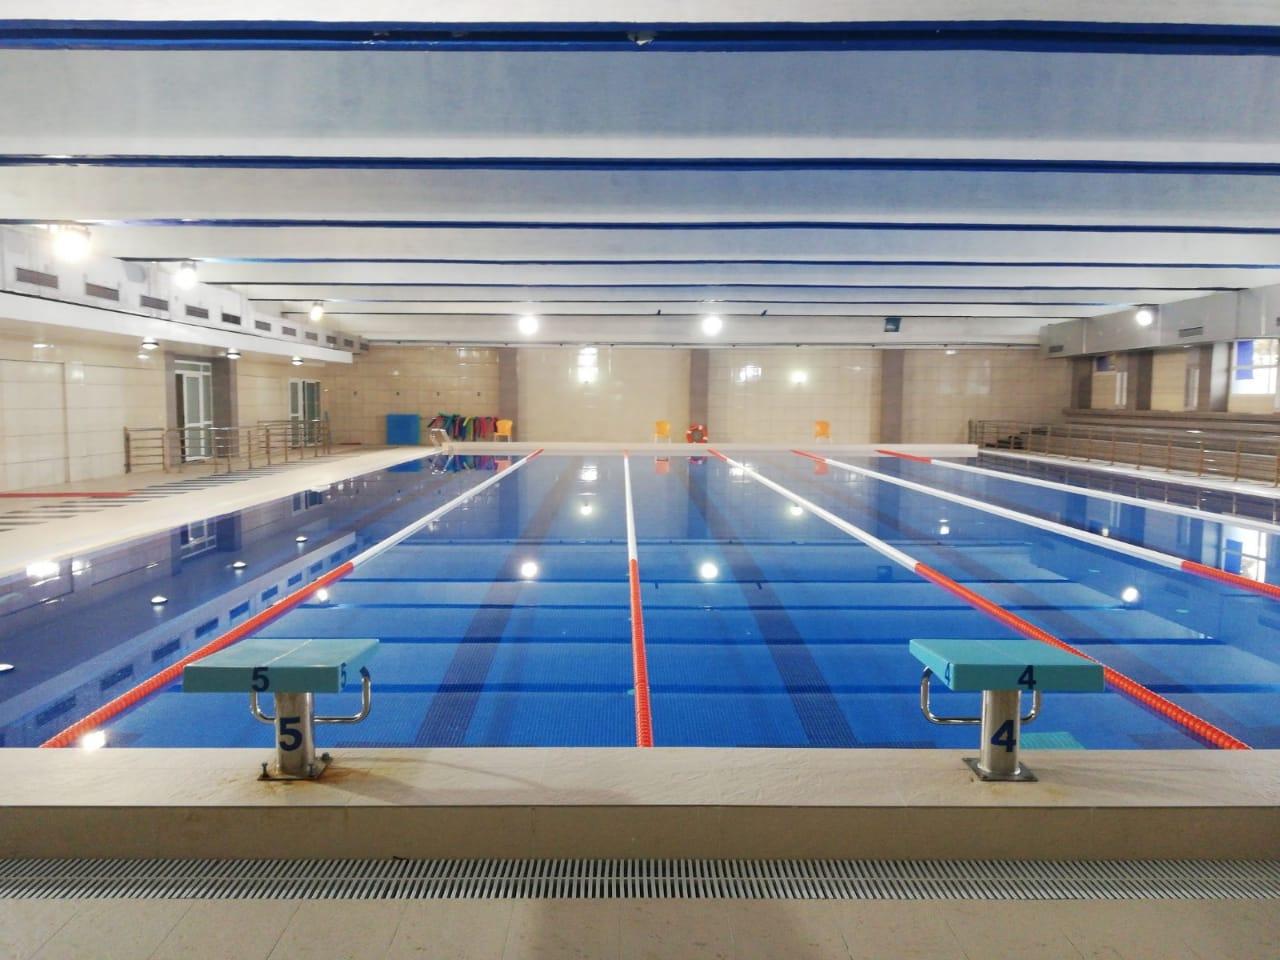 المسبح المغطى بالجديدة بعود لاحتضان الممارسين وفق شروط وقائية صارمة